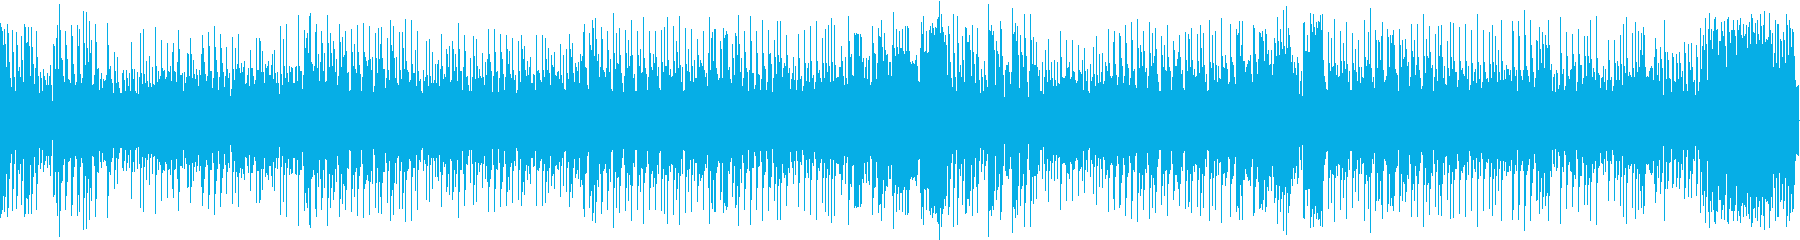 8bit 爽快なダークファンタジーBGMの再生済みの波形